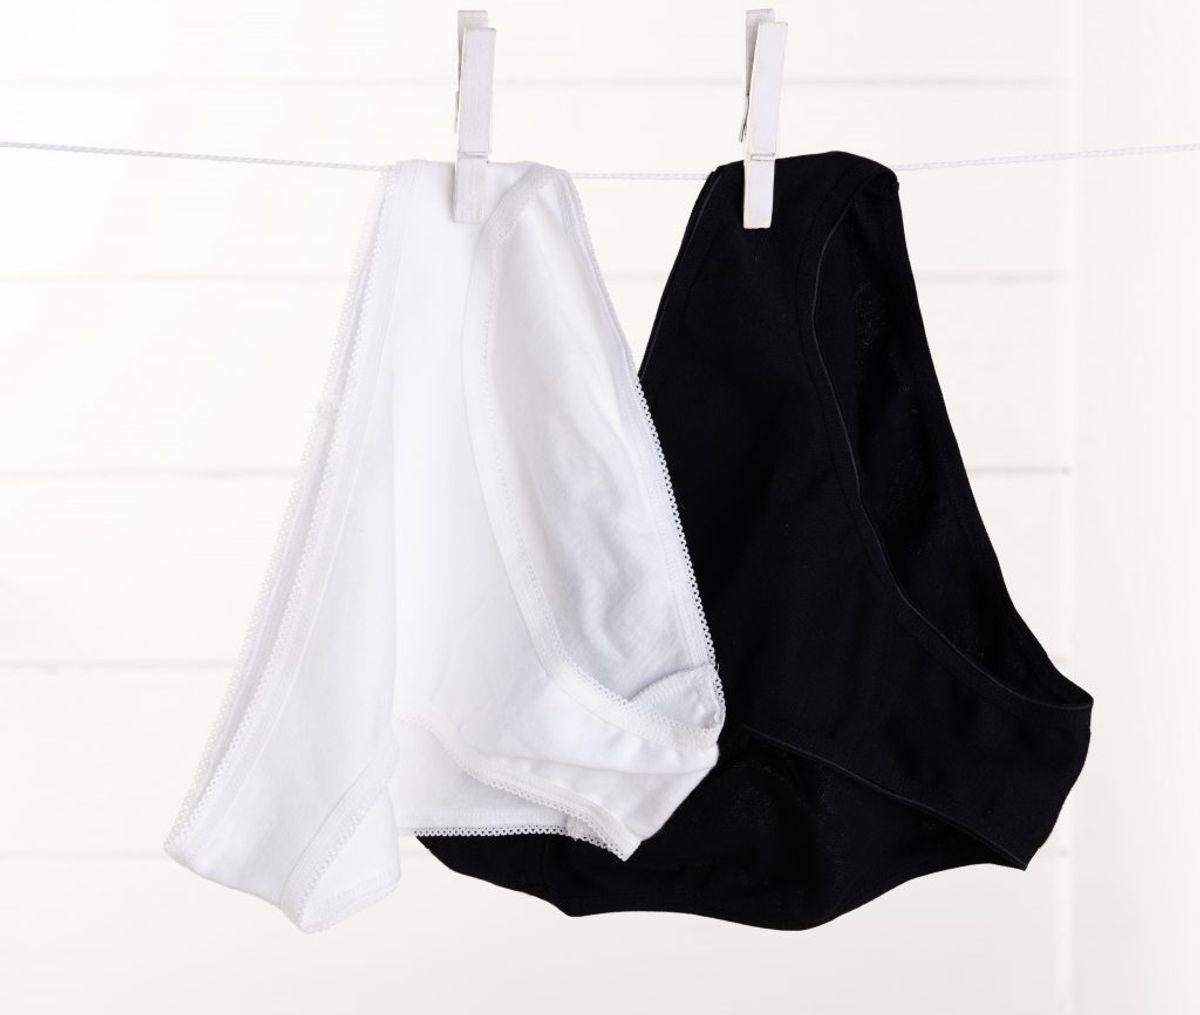 Mørkt tøj bør generelt vaskes på lav temperatur, da det på den måde holder bedre på farven. Kilde: Readers Digest. Arkivfoto.